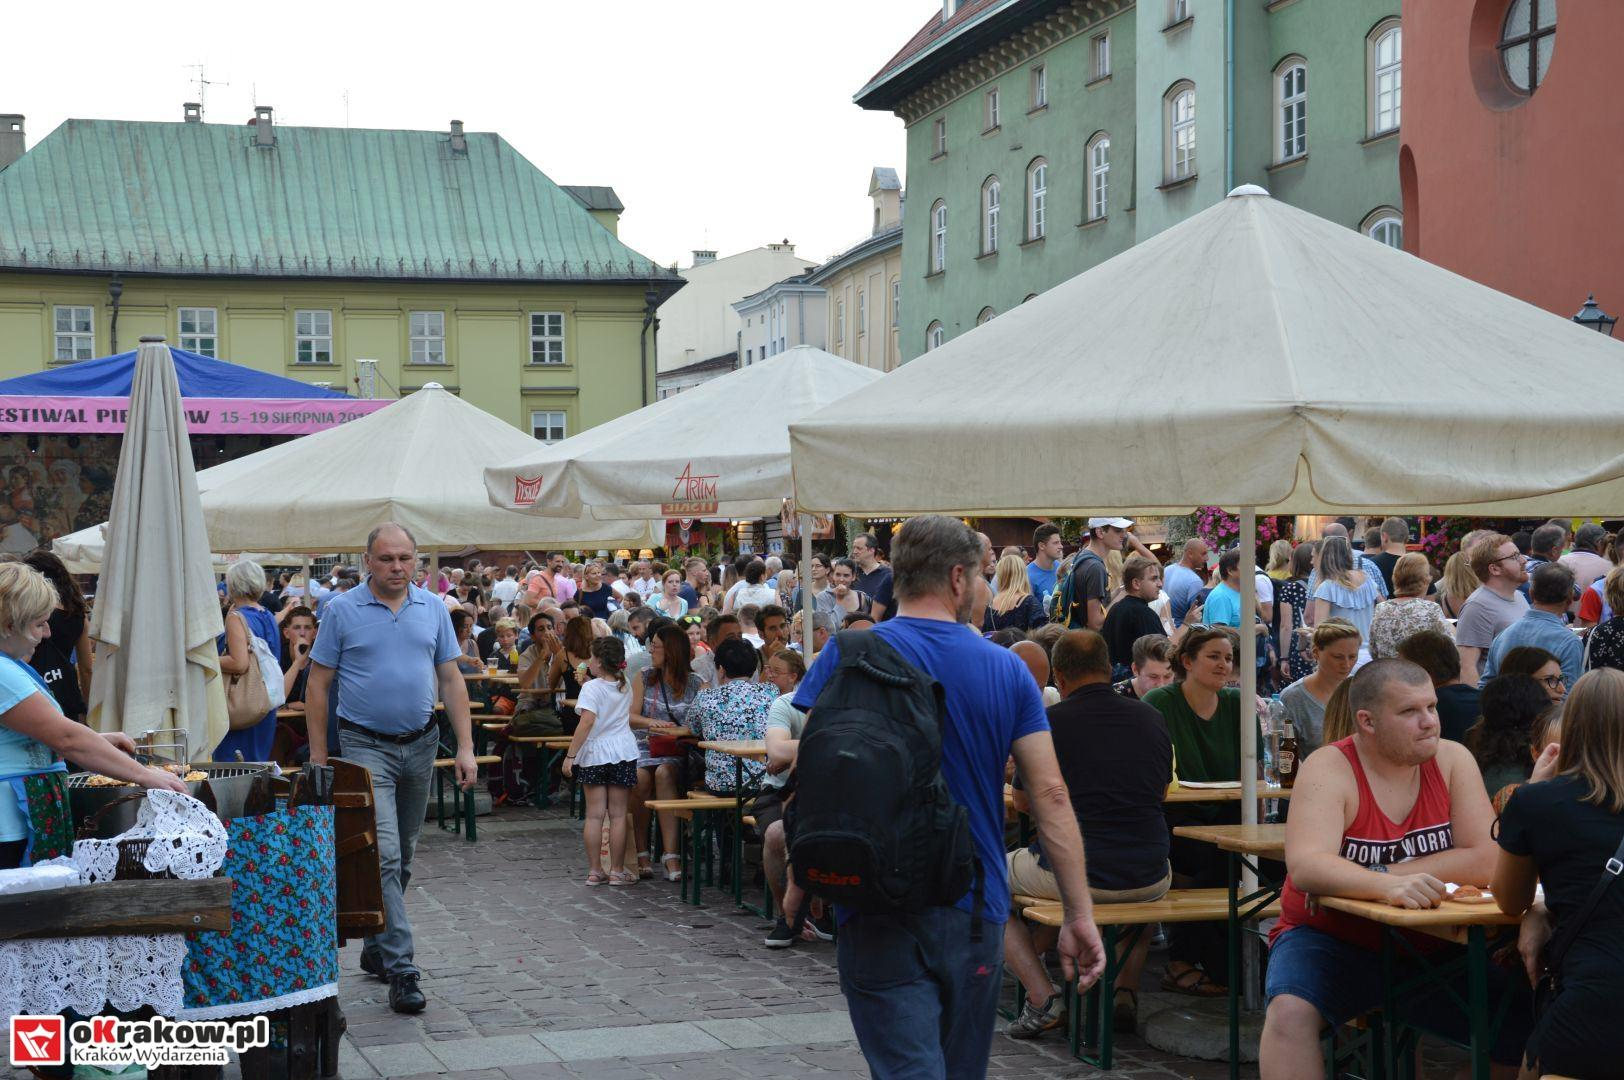 krakow festiwal pierogow maly rynek koncert cheap tobacco 45 150x150 - Galeria zdjęć Festiwal Pierogów Kraków 2018 + zdjęcia z koncertu Cheap Tobacco